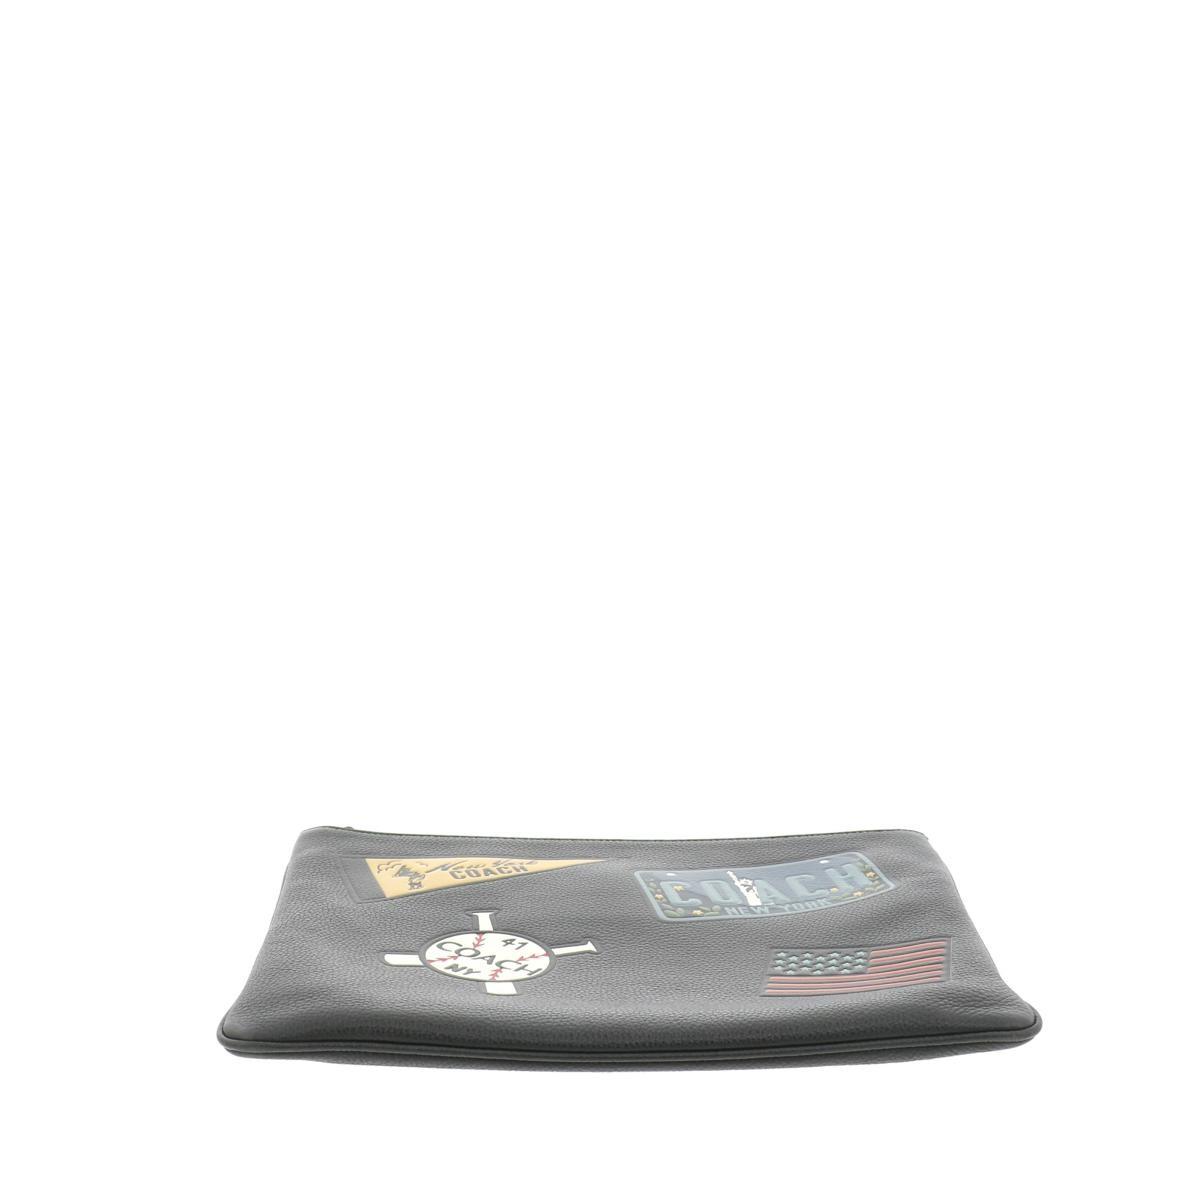 【中古】COACH コーチ クラッチバッグ バッグ セカンドバッグ/ポーチ/クラッチ  Black/ブラック NY F26089 used:B